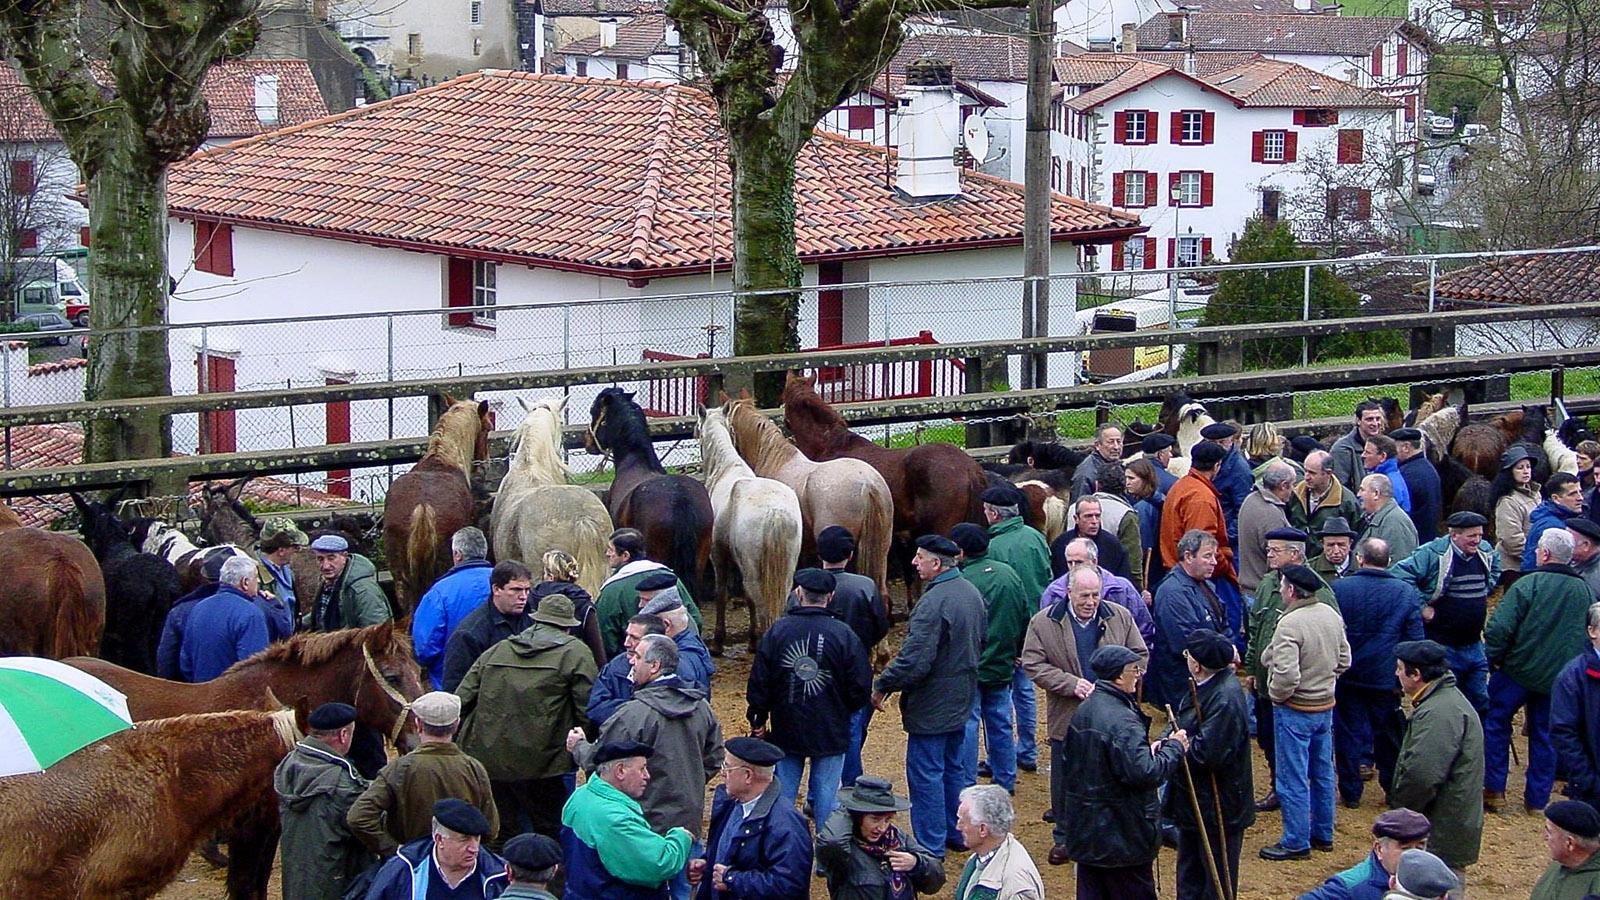 Bei der Pottoka Feria wird um die robusten Kleinpferde fachmännisch gefeilscht. Foto: Hilke Maunder